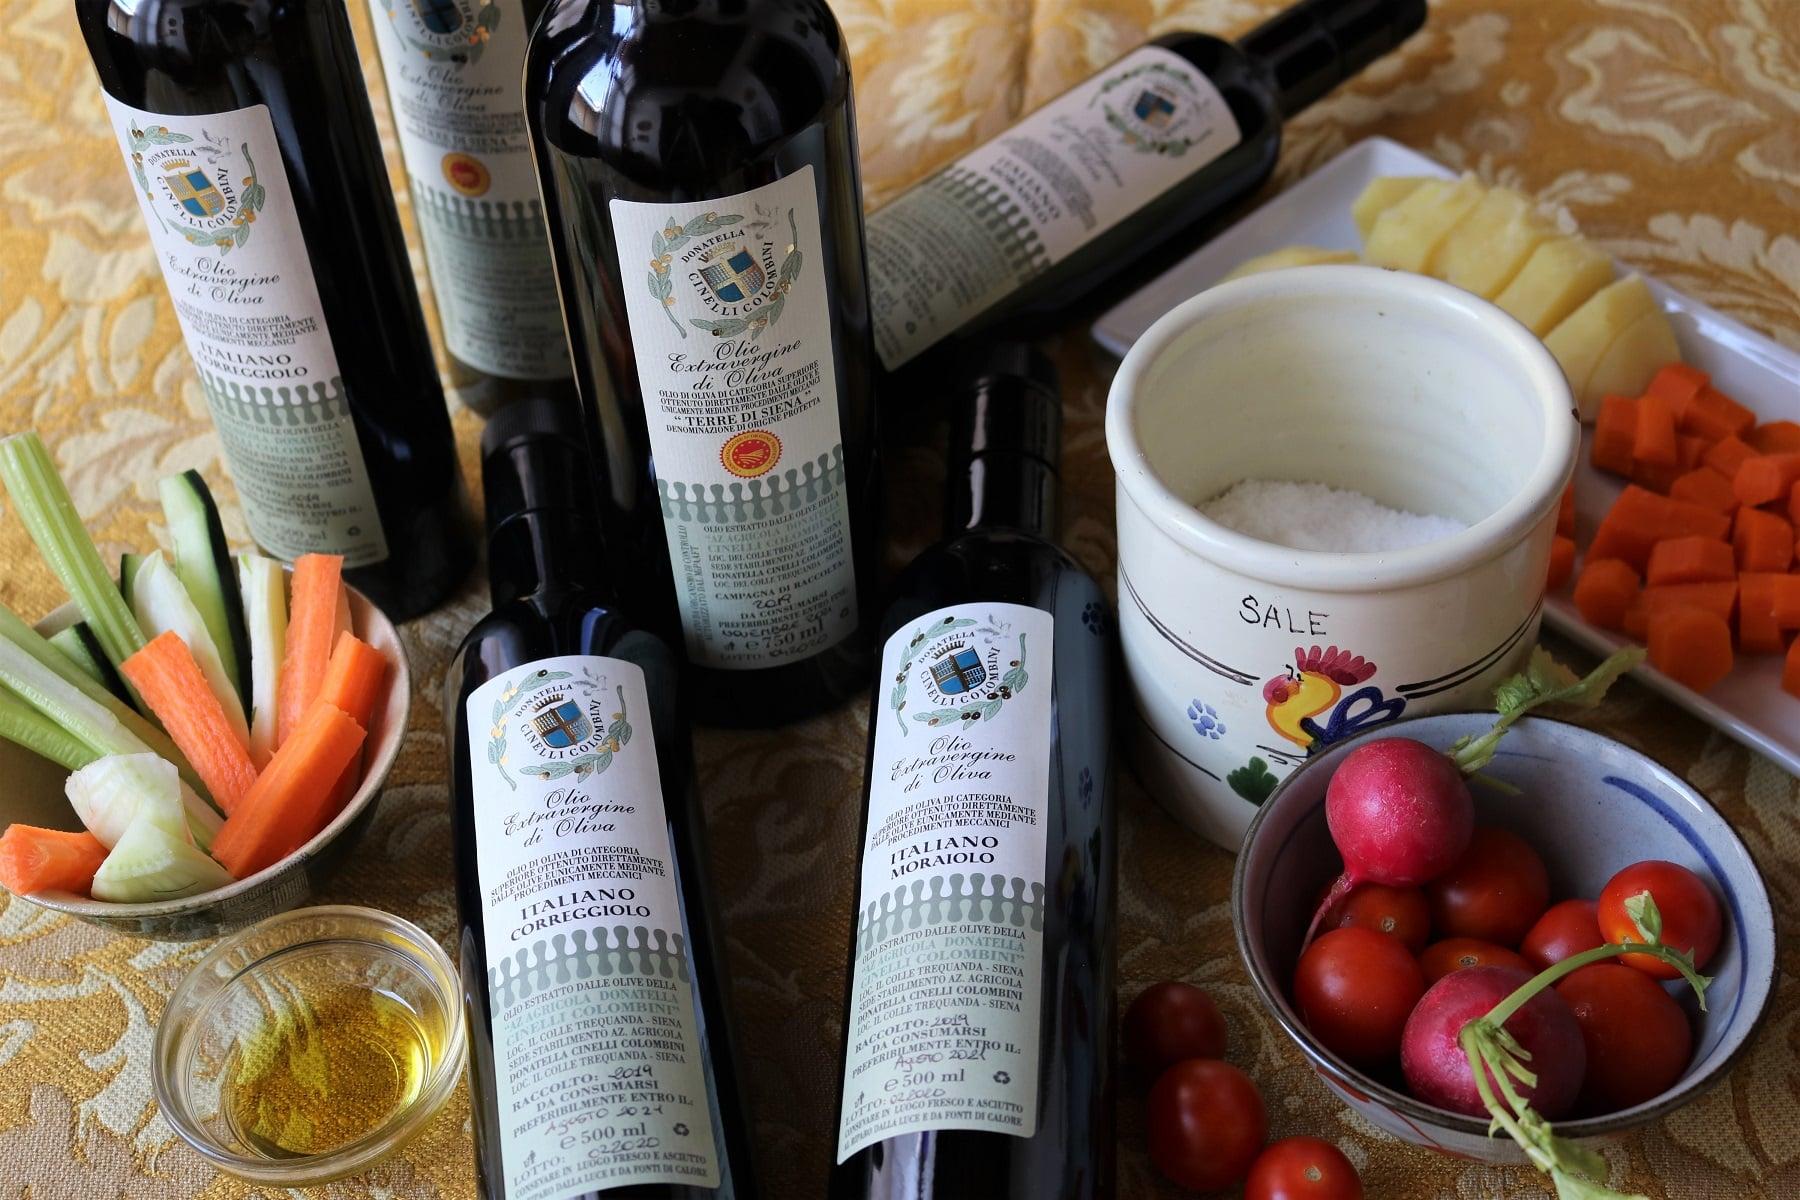 olio extravergine Fattoria del Colle Toscana